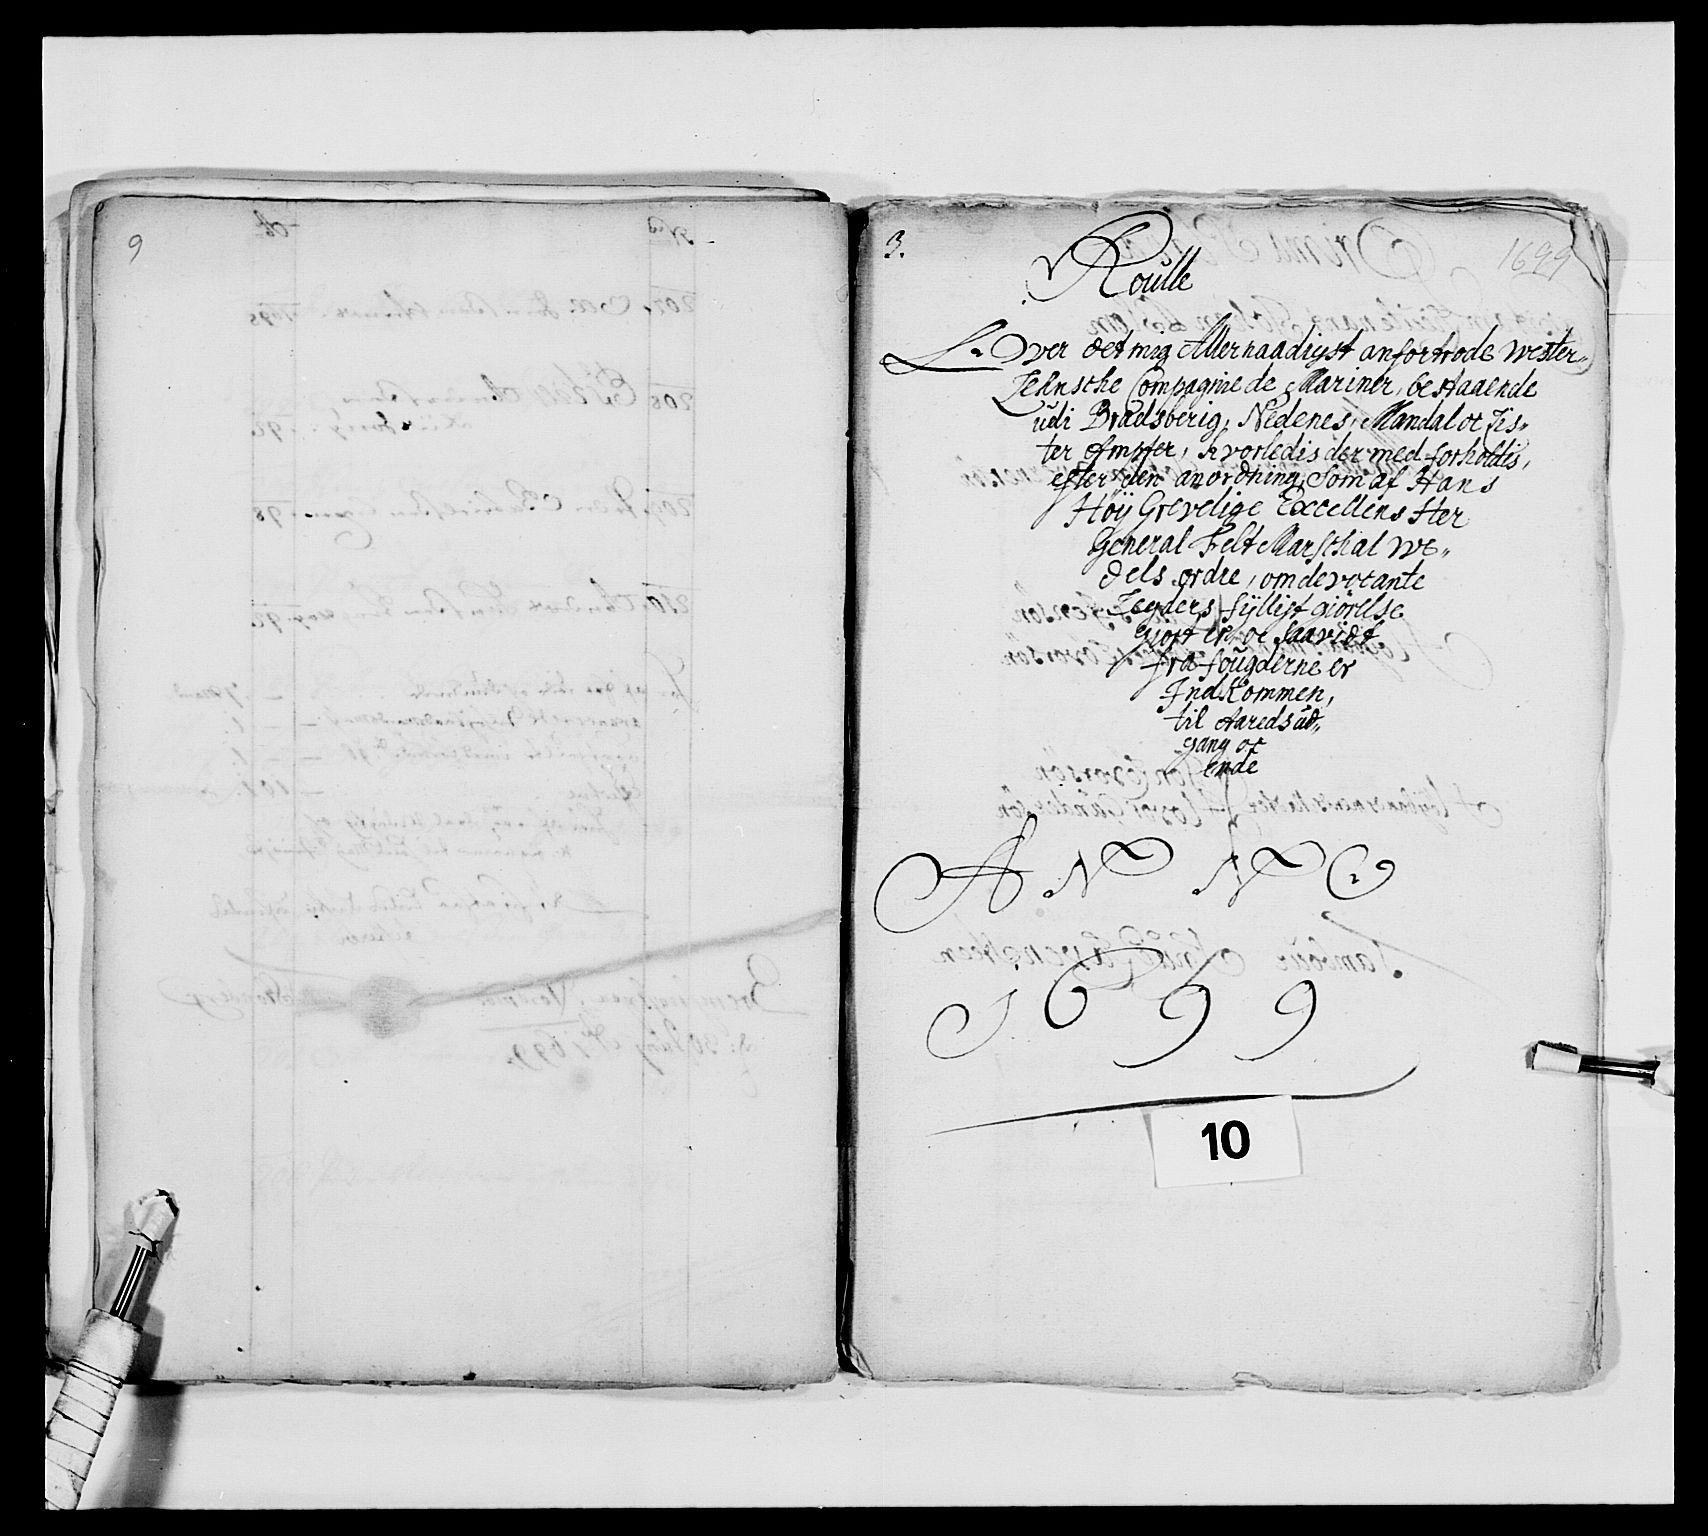 RA, Kommanderende general (KG I) med Det norske krigsdirektorium, E/Ea/L0473: Marineregimentet, 1664-1700, s. 178